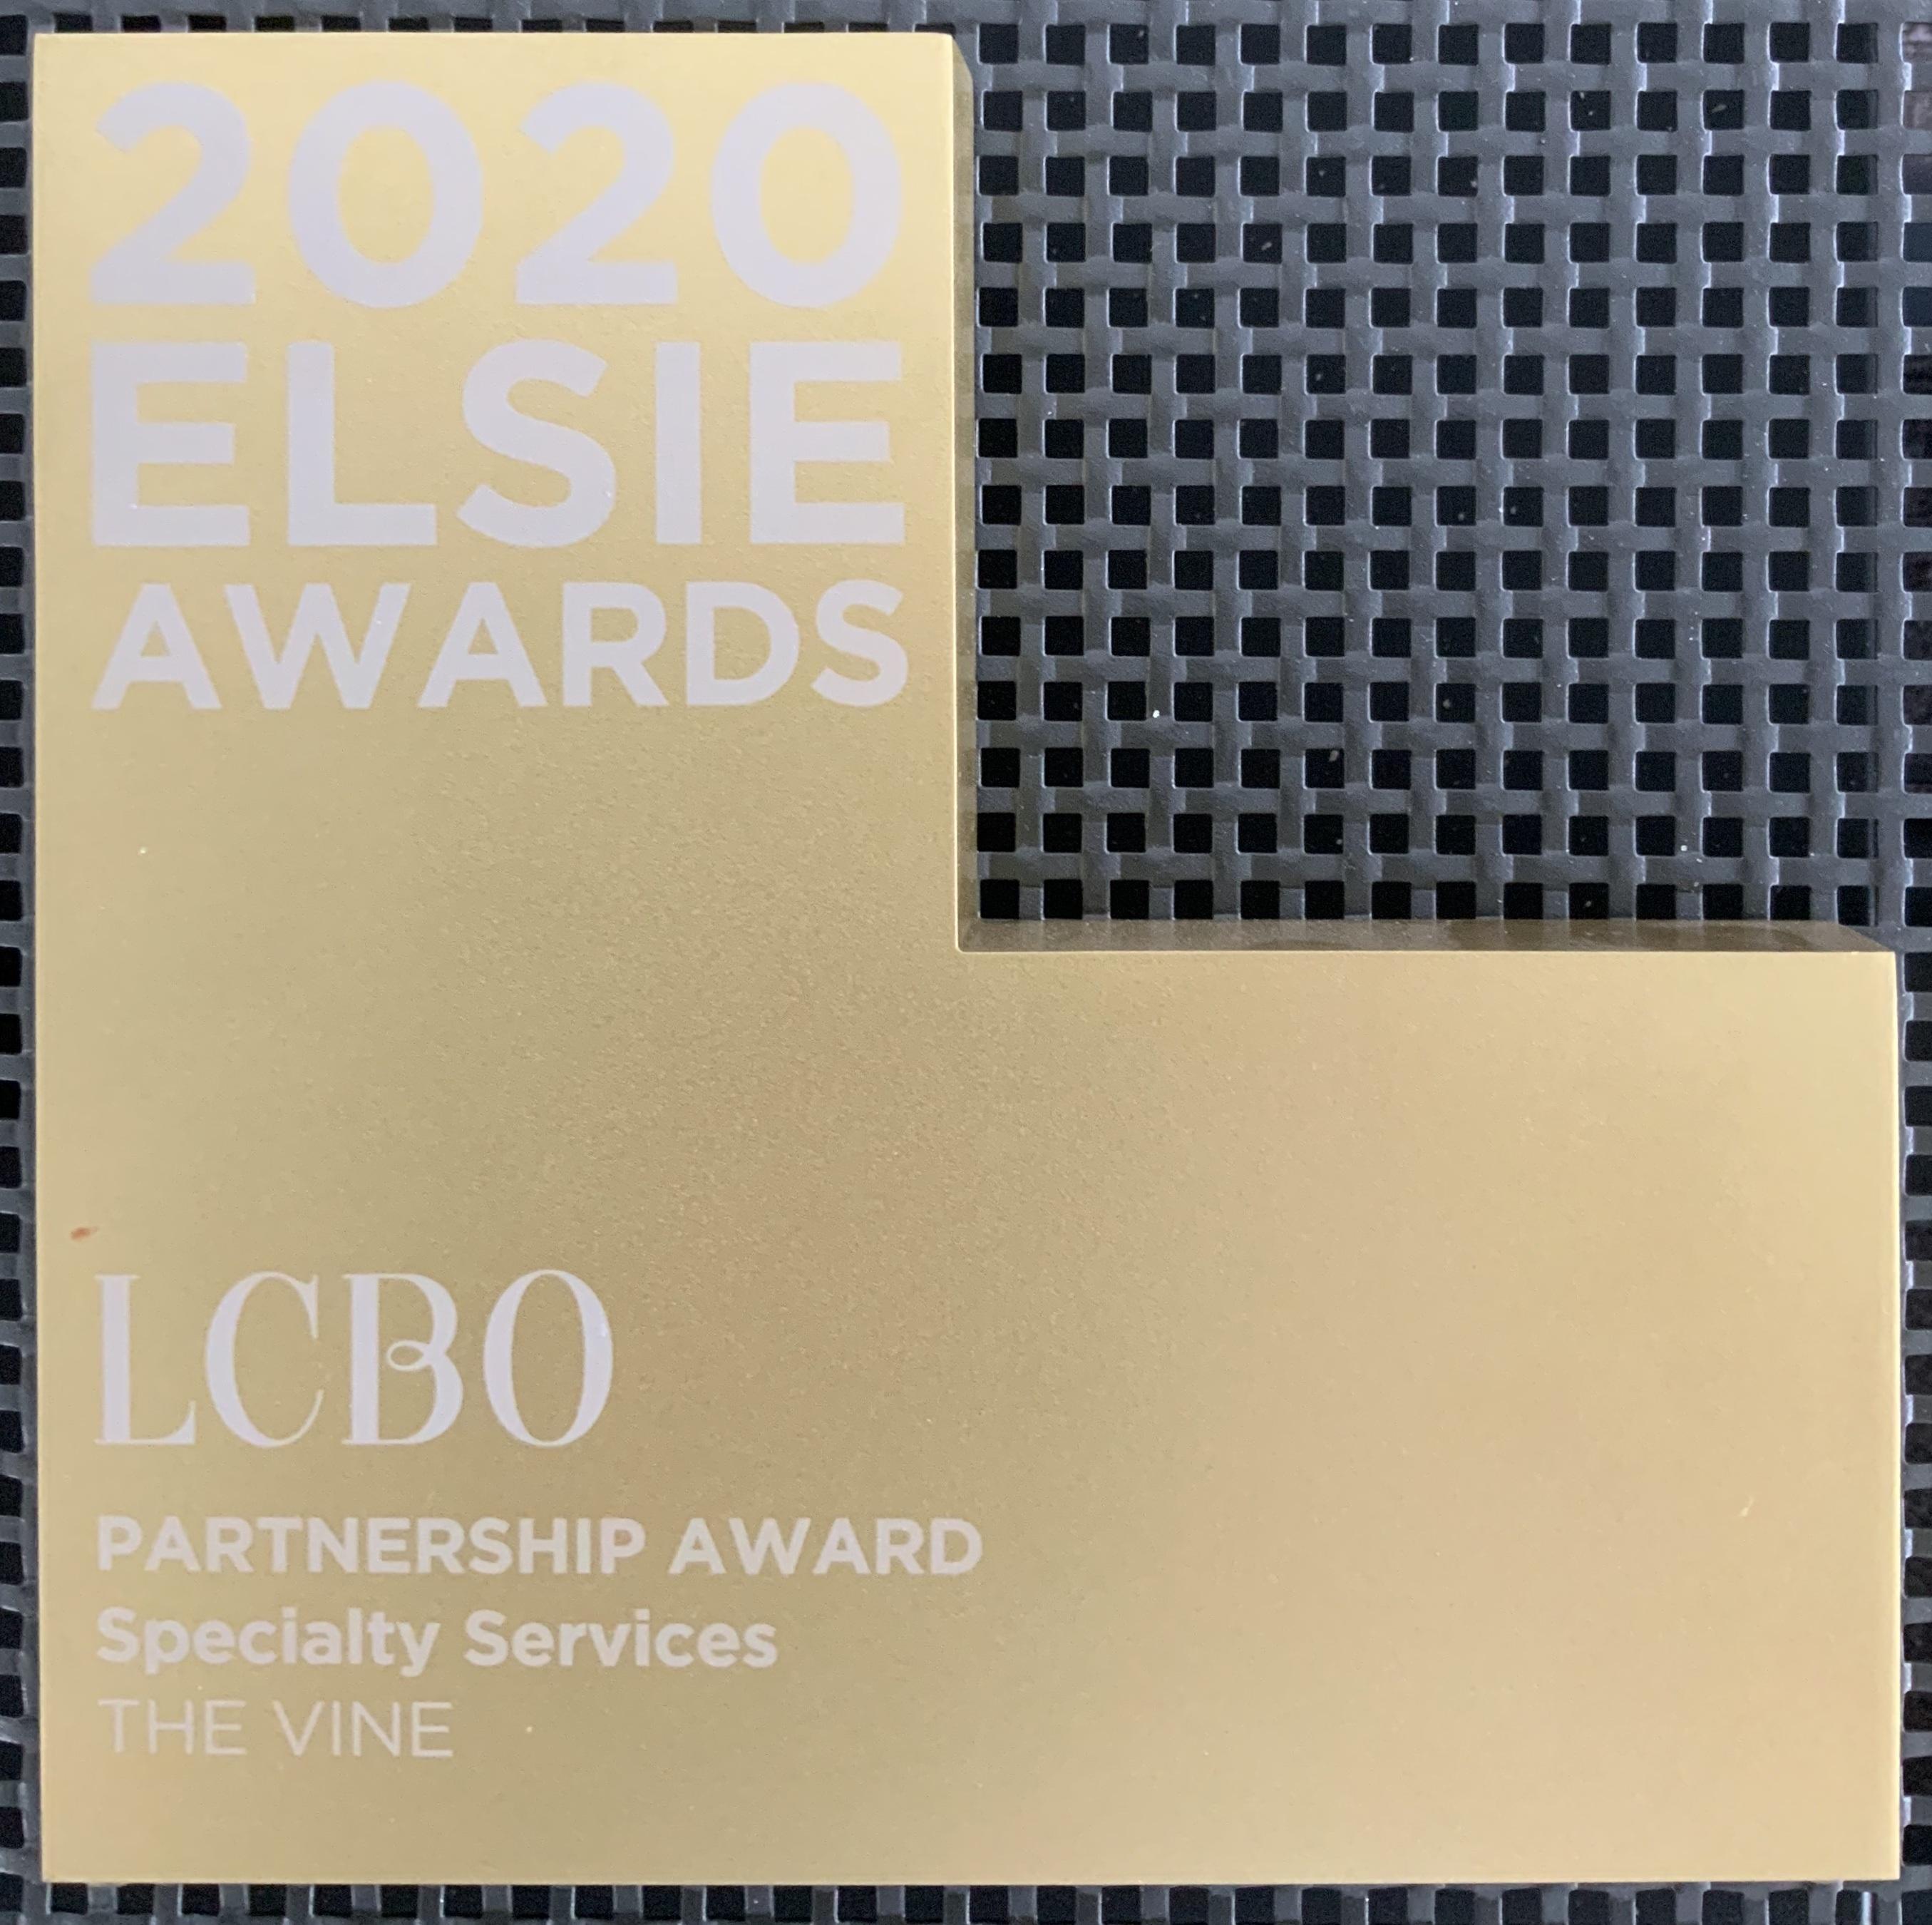 Elsie Award 2020